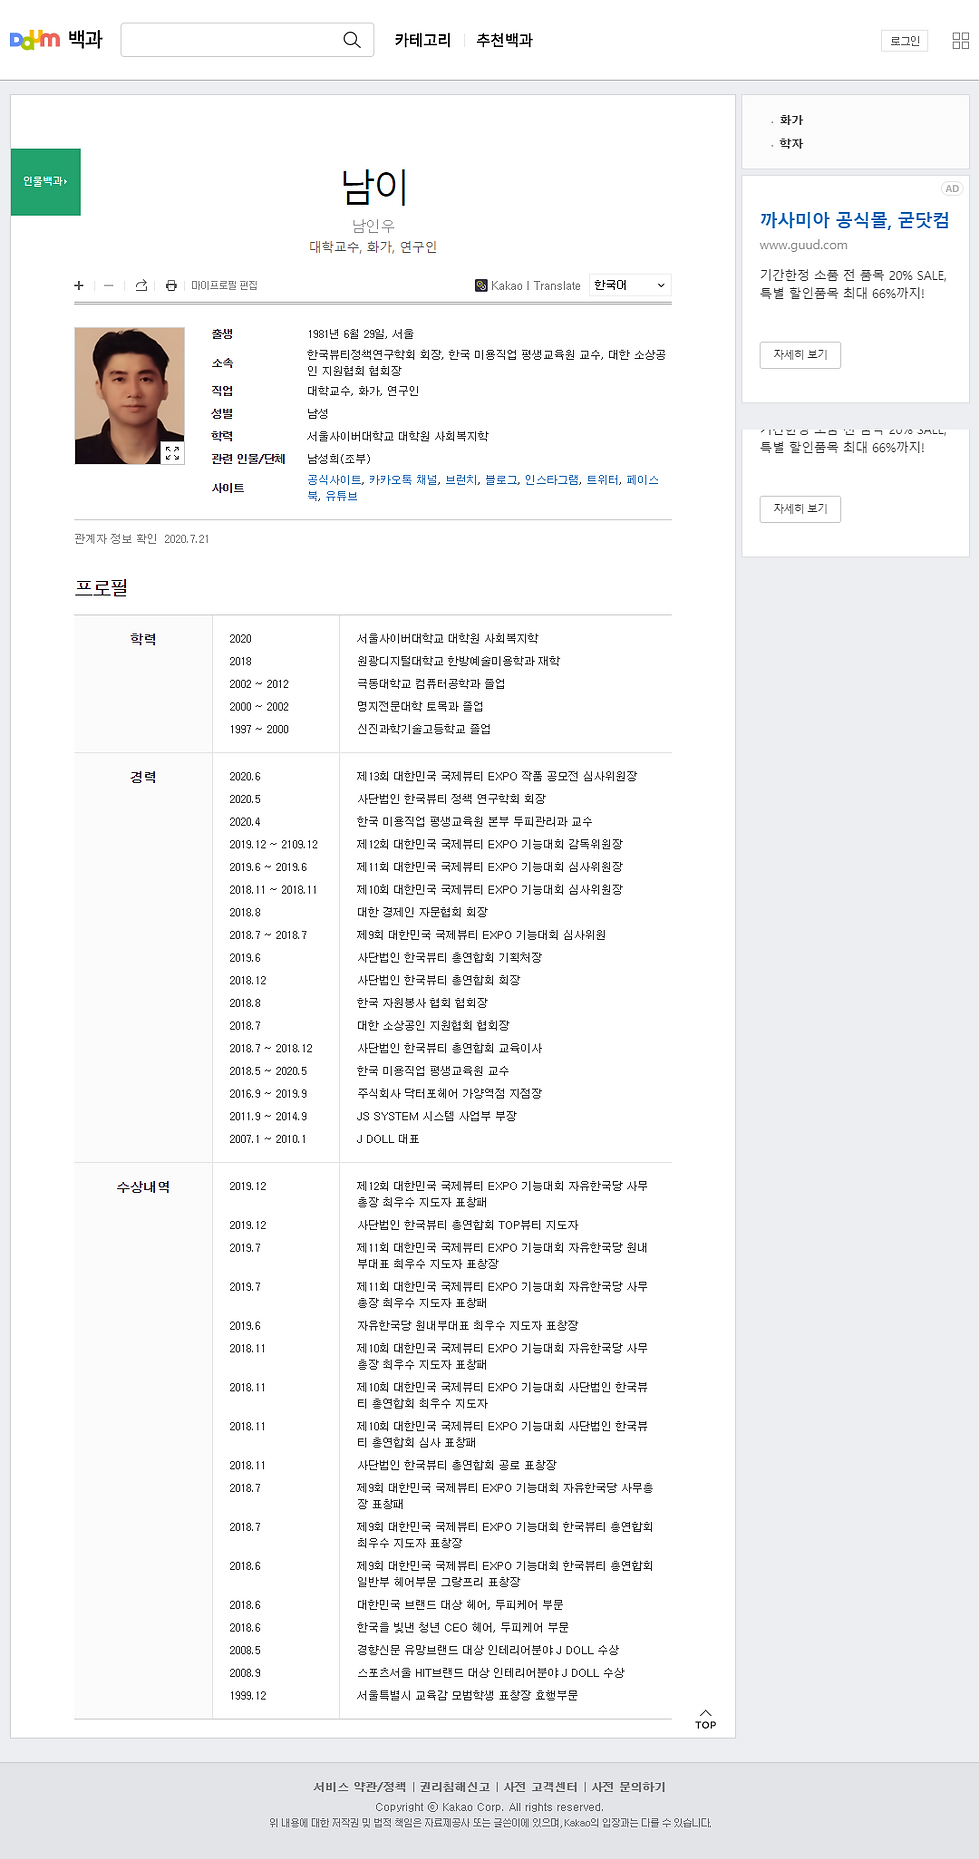 19.인물백과사전 등재 남인우.png